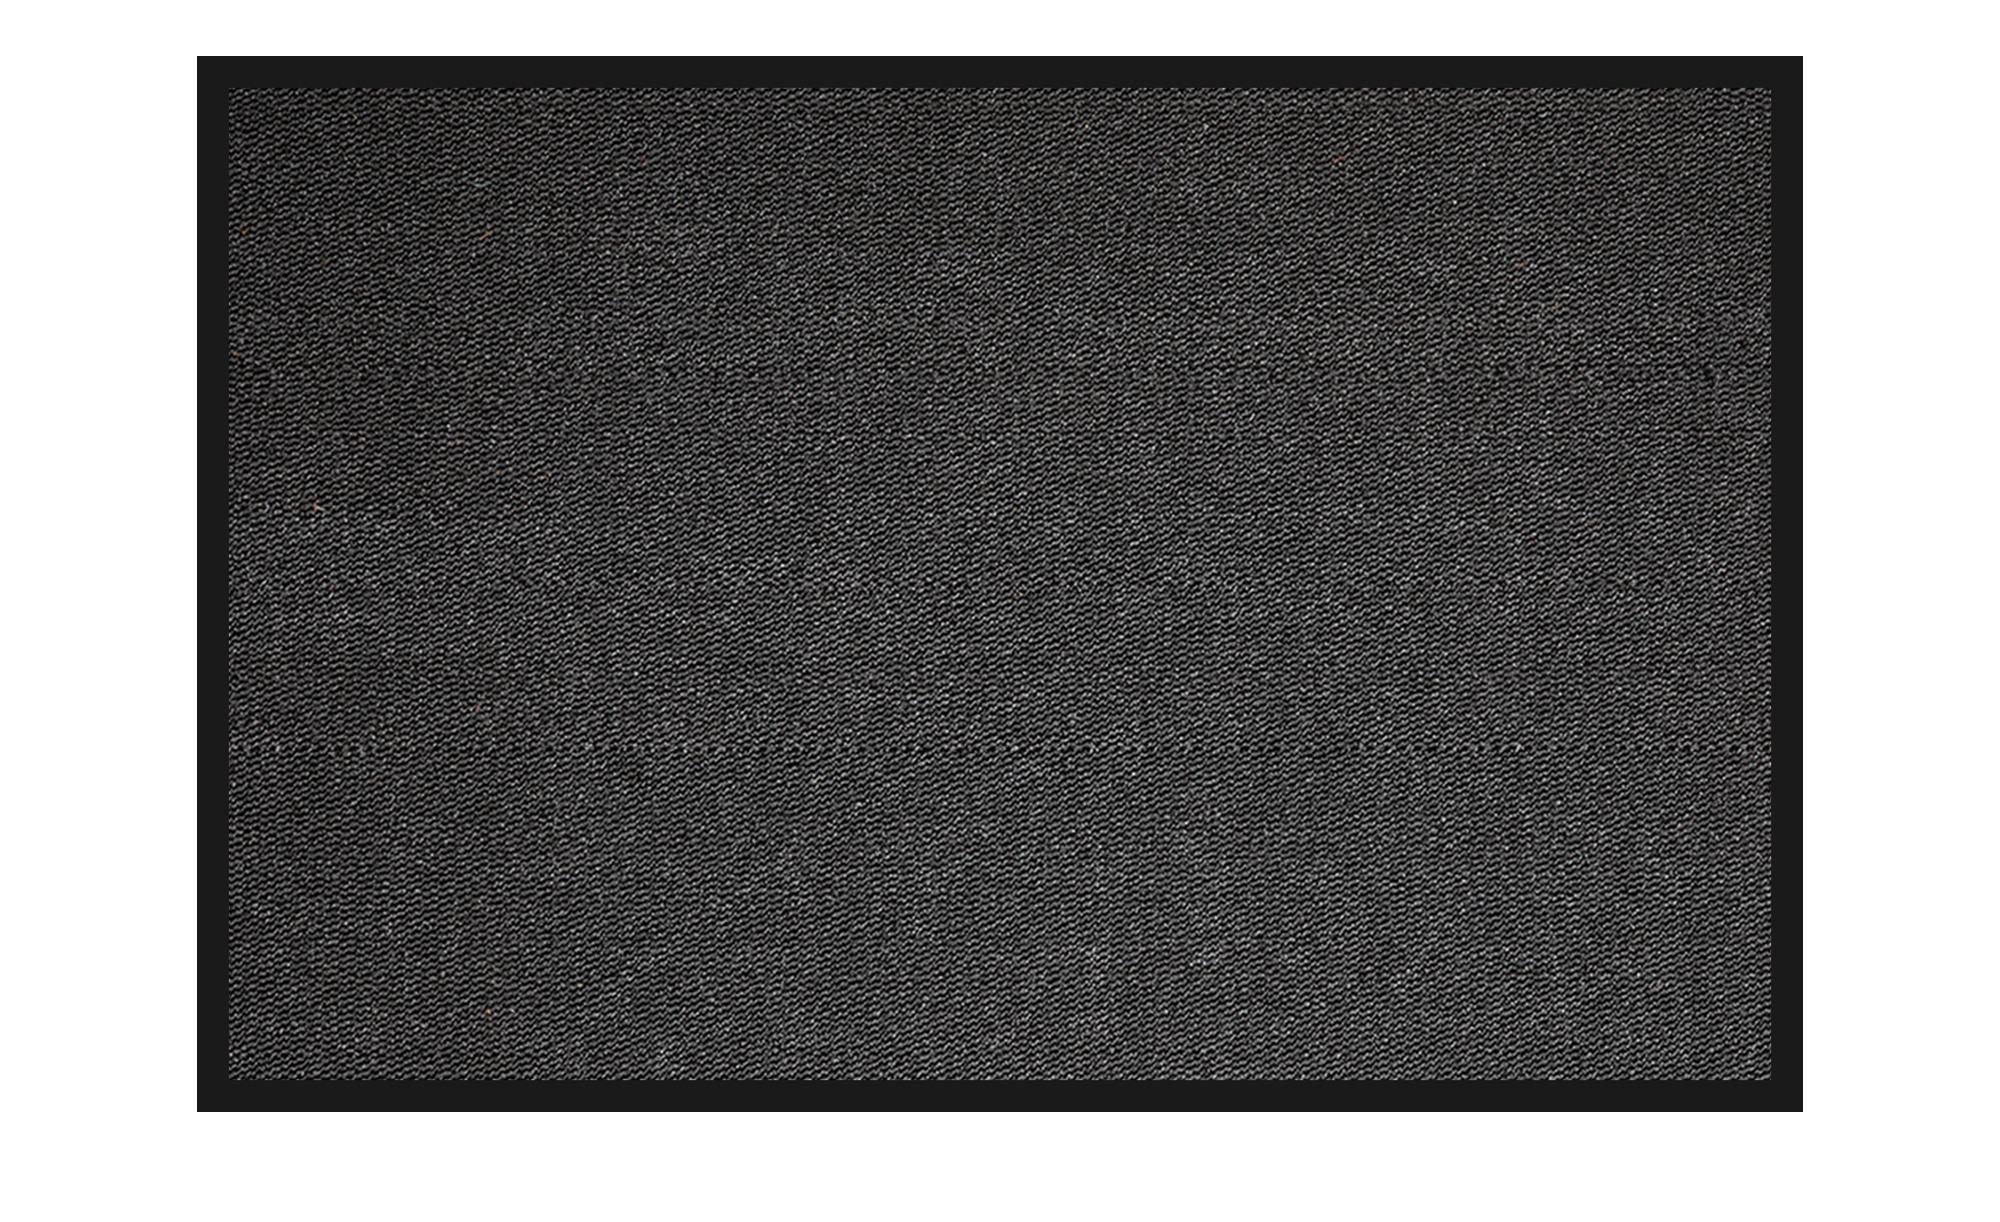 Fußmatte  Saphir ¦ schwarz ¦ Synthethische Fasern, 100% Polypropylen ¦ Maße (cm): B: 40 Teppiche > Fußmatten & Stufenmatten - Höffner